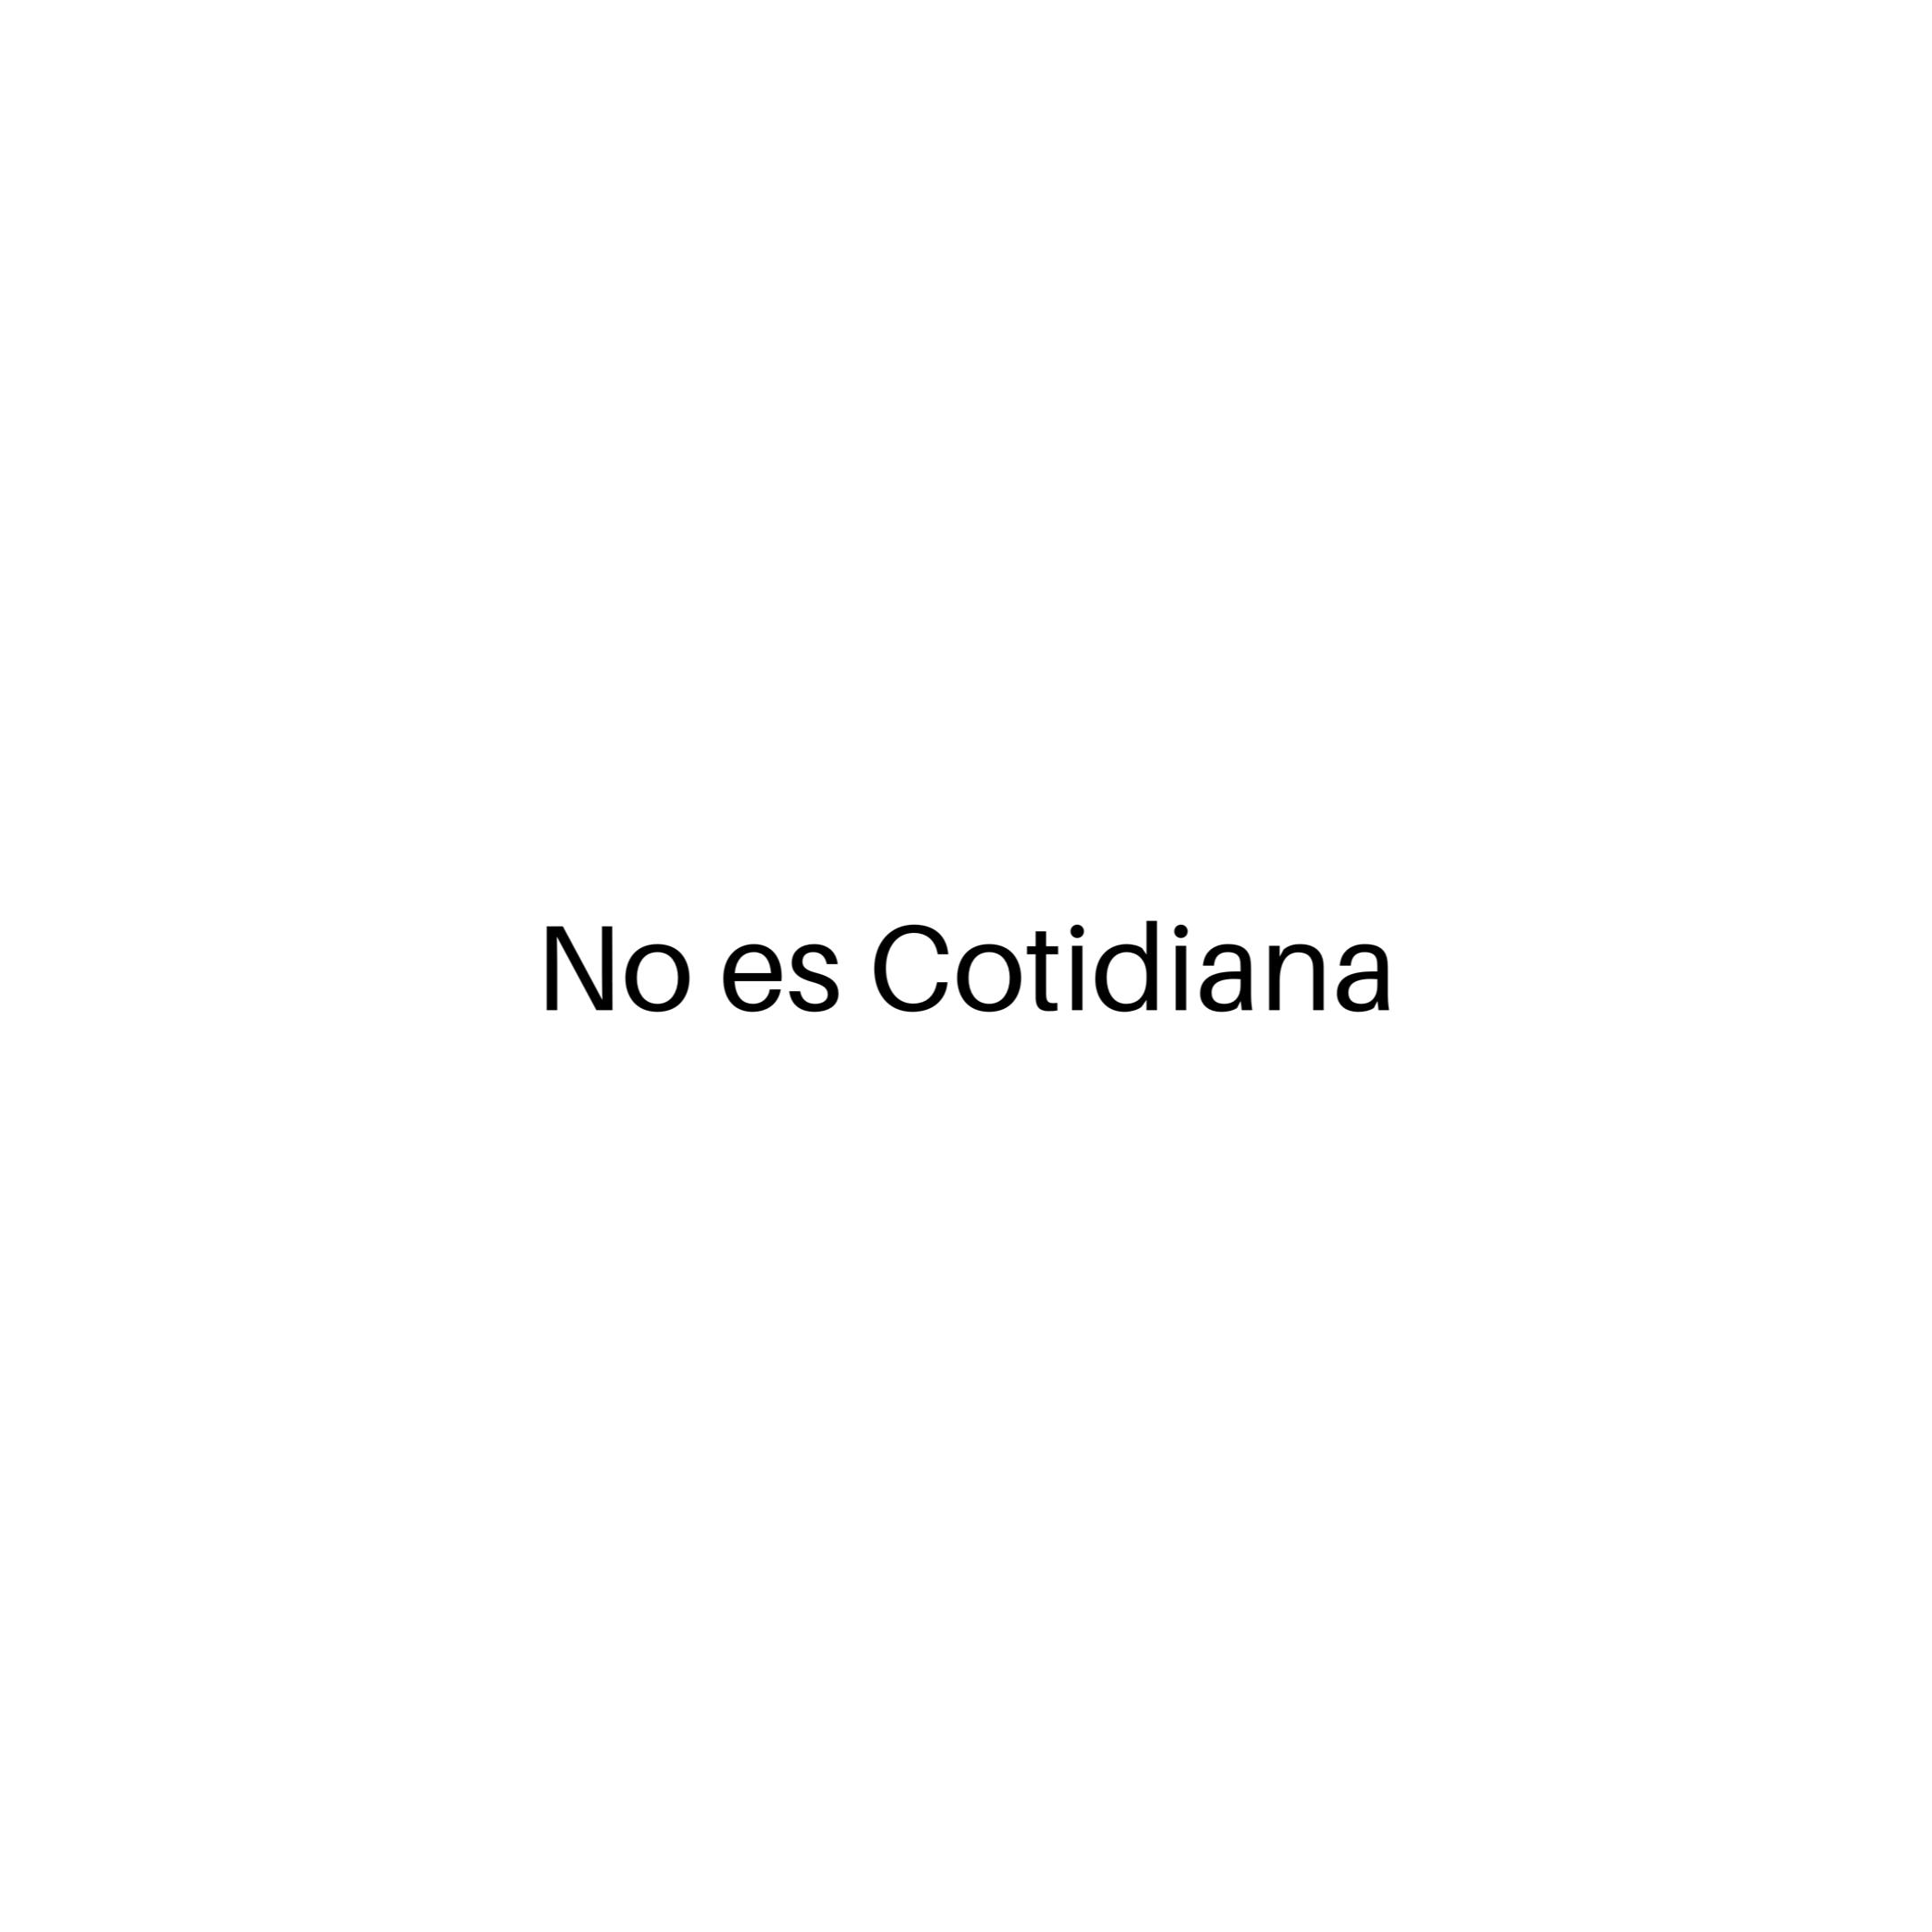 NO ES COTIDIANA